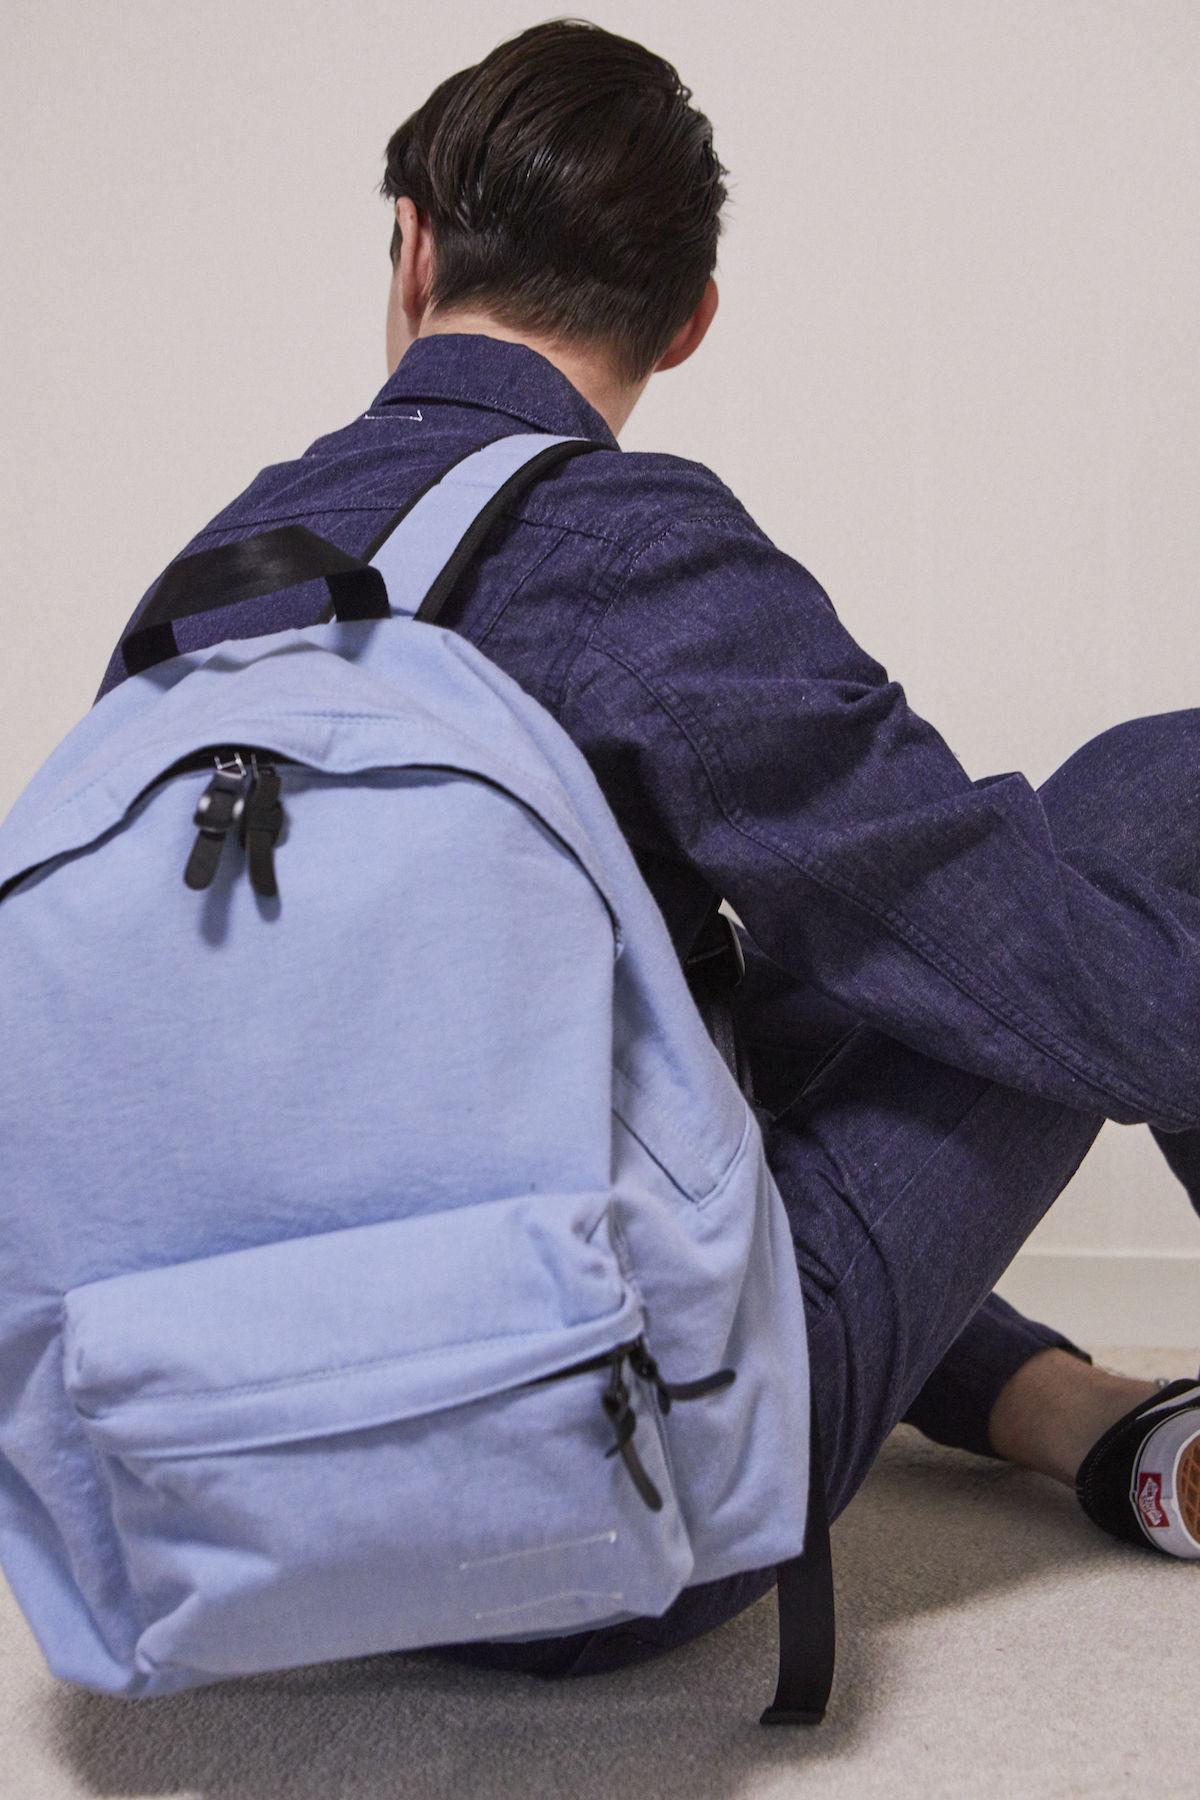 【ルック】ストリートとモード、ビジネスを横断。ブランド「BLANCK」を知ってる?ナノ・ユニバースでポップアップも! fashion180309_blanck15-1200x1800